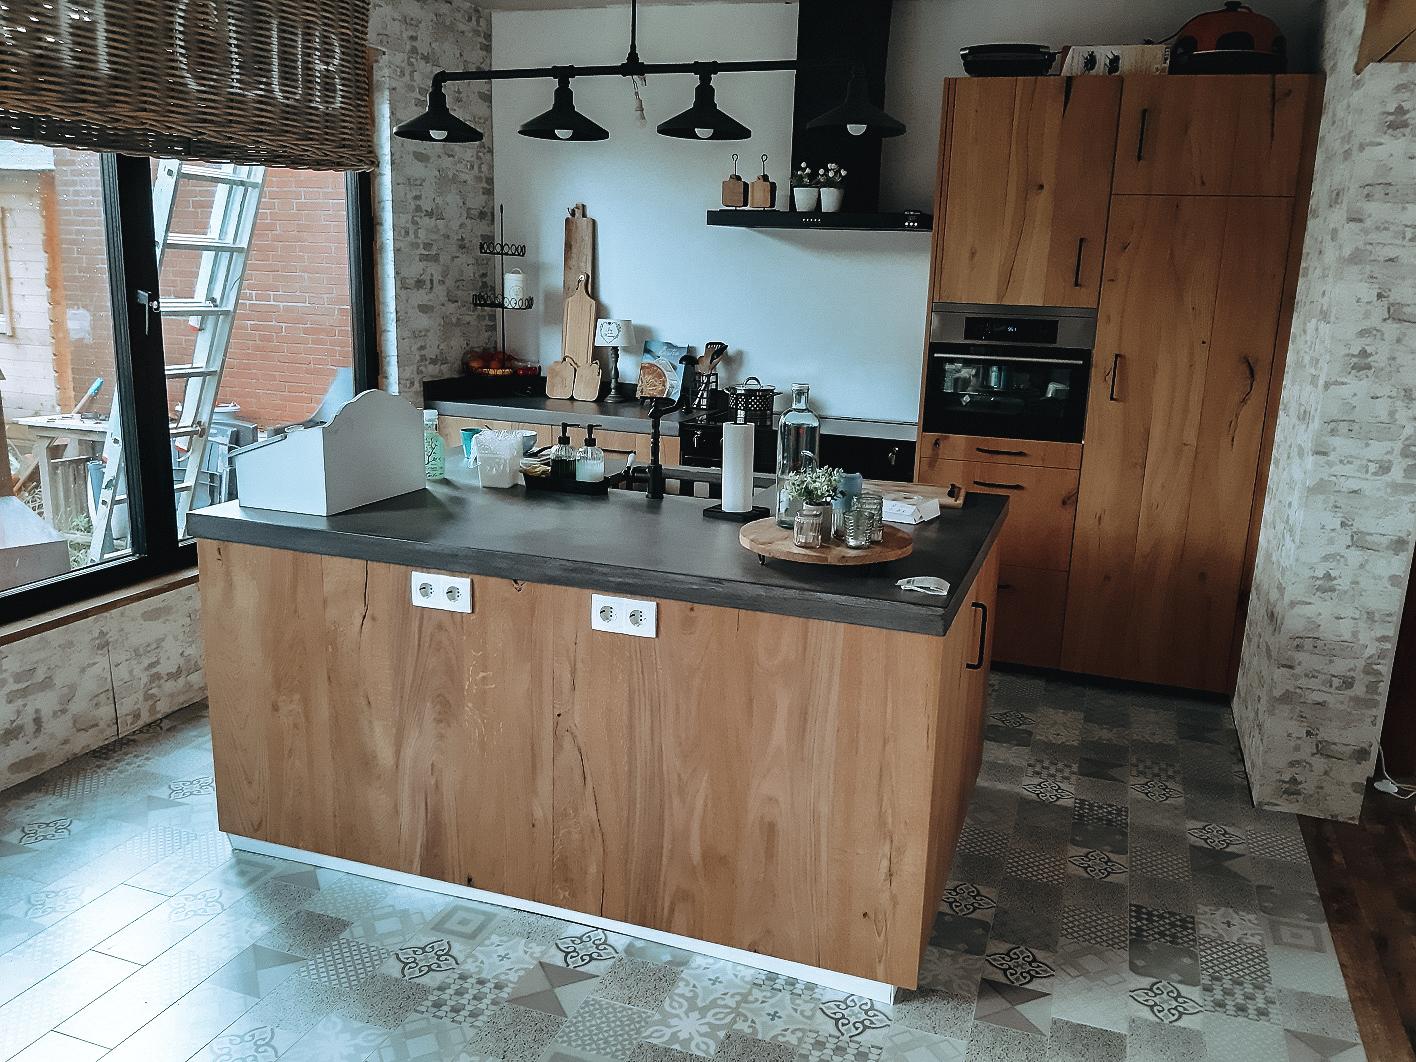 Ikea Keuken Housespecials Maak Je Huis Speciaal